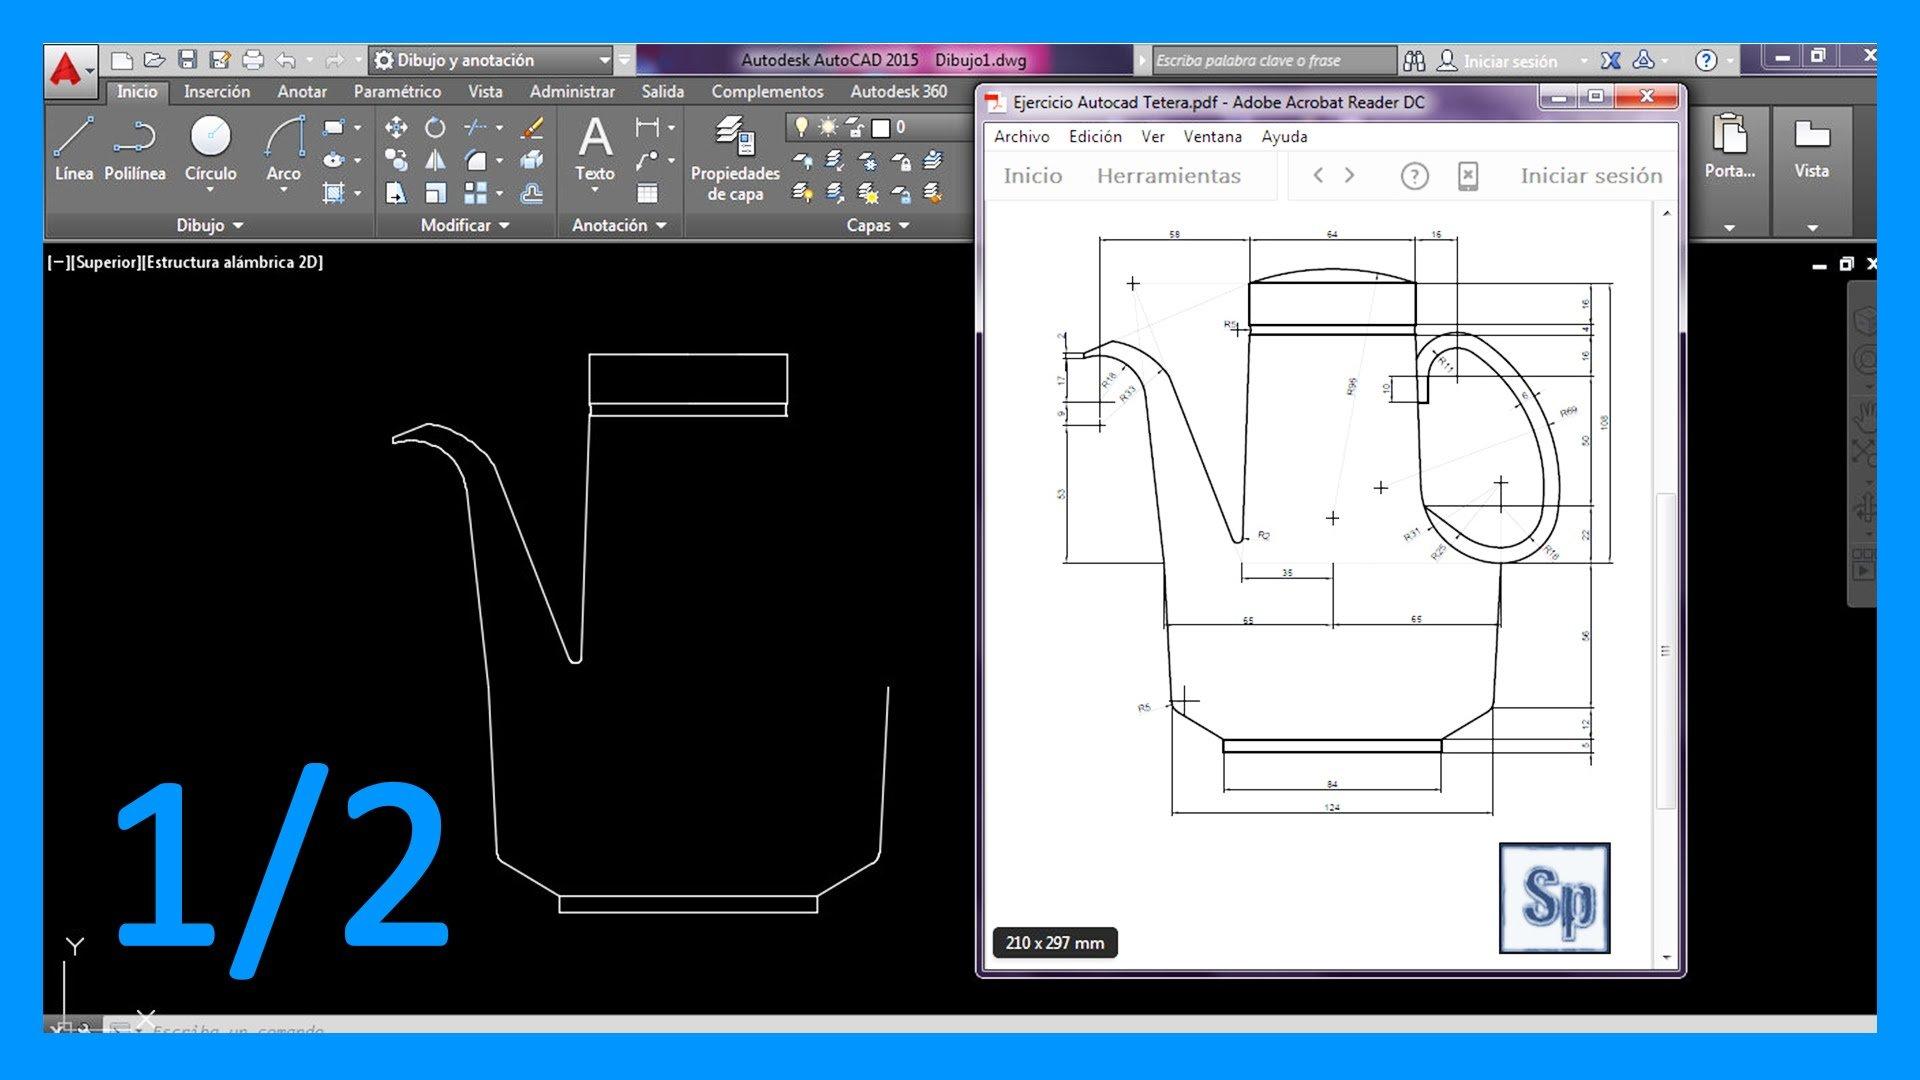 Autocad – 1/2 Ejercicio paso a paso dibujar tetera 2D en Autocad.